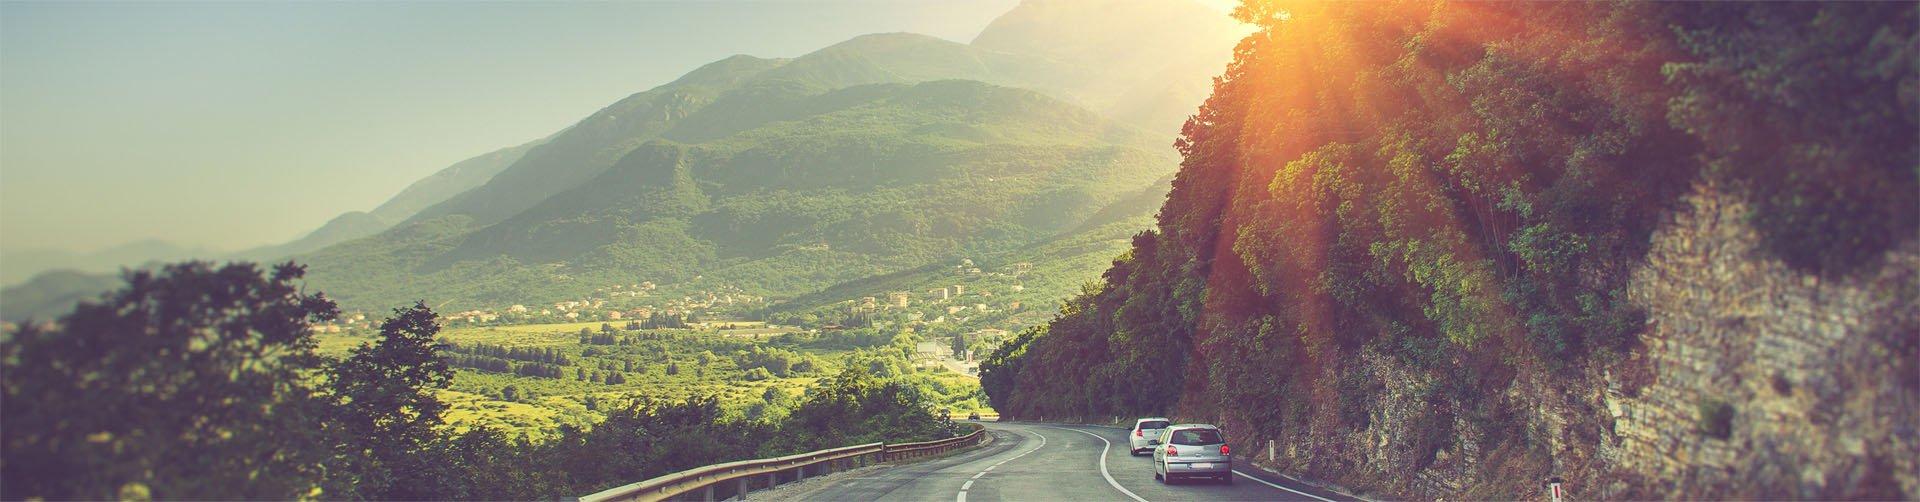 Rebel Travel - auto rijdt door de bergen bij een laag zonnetje